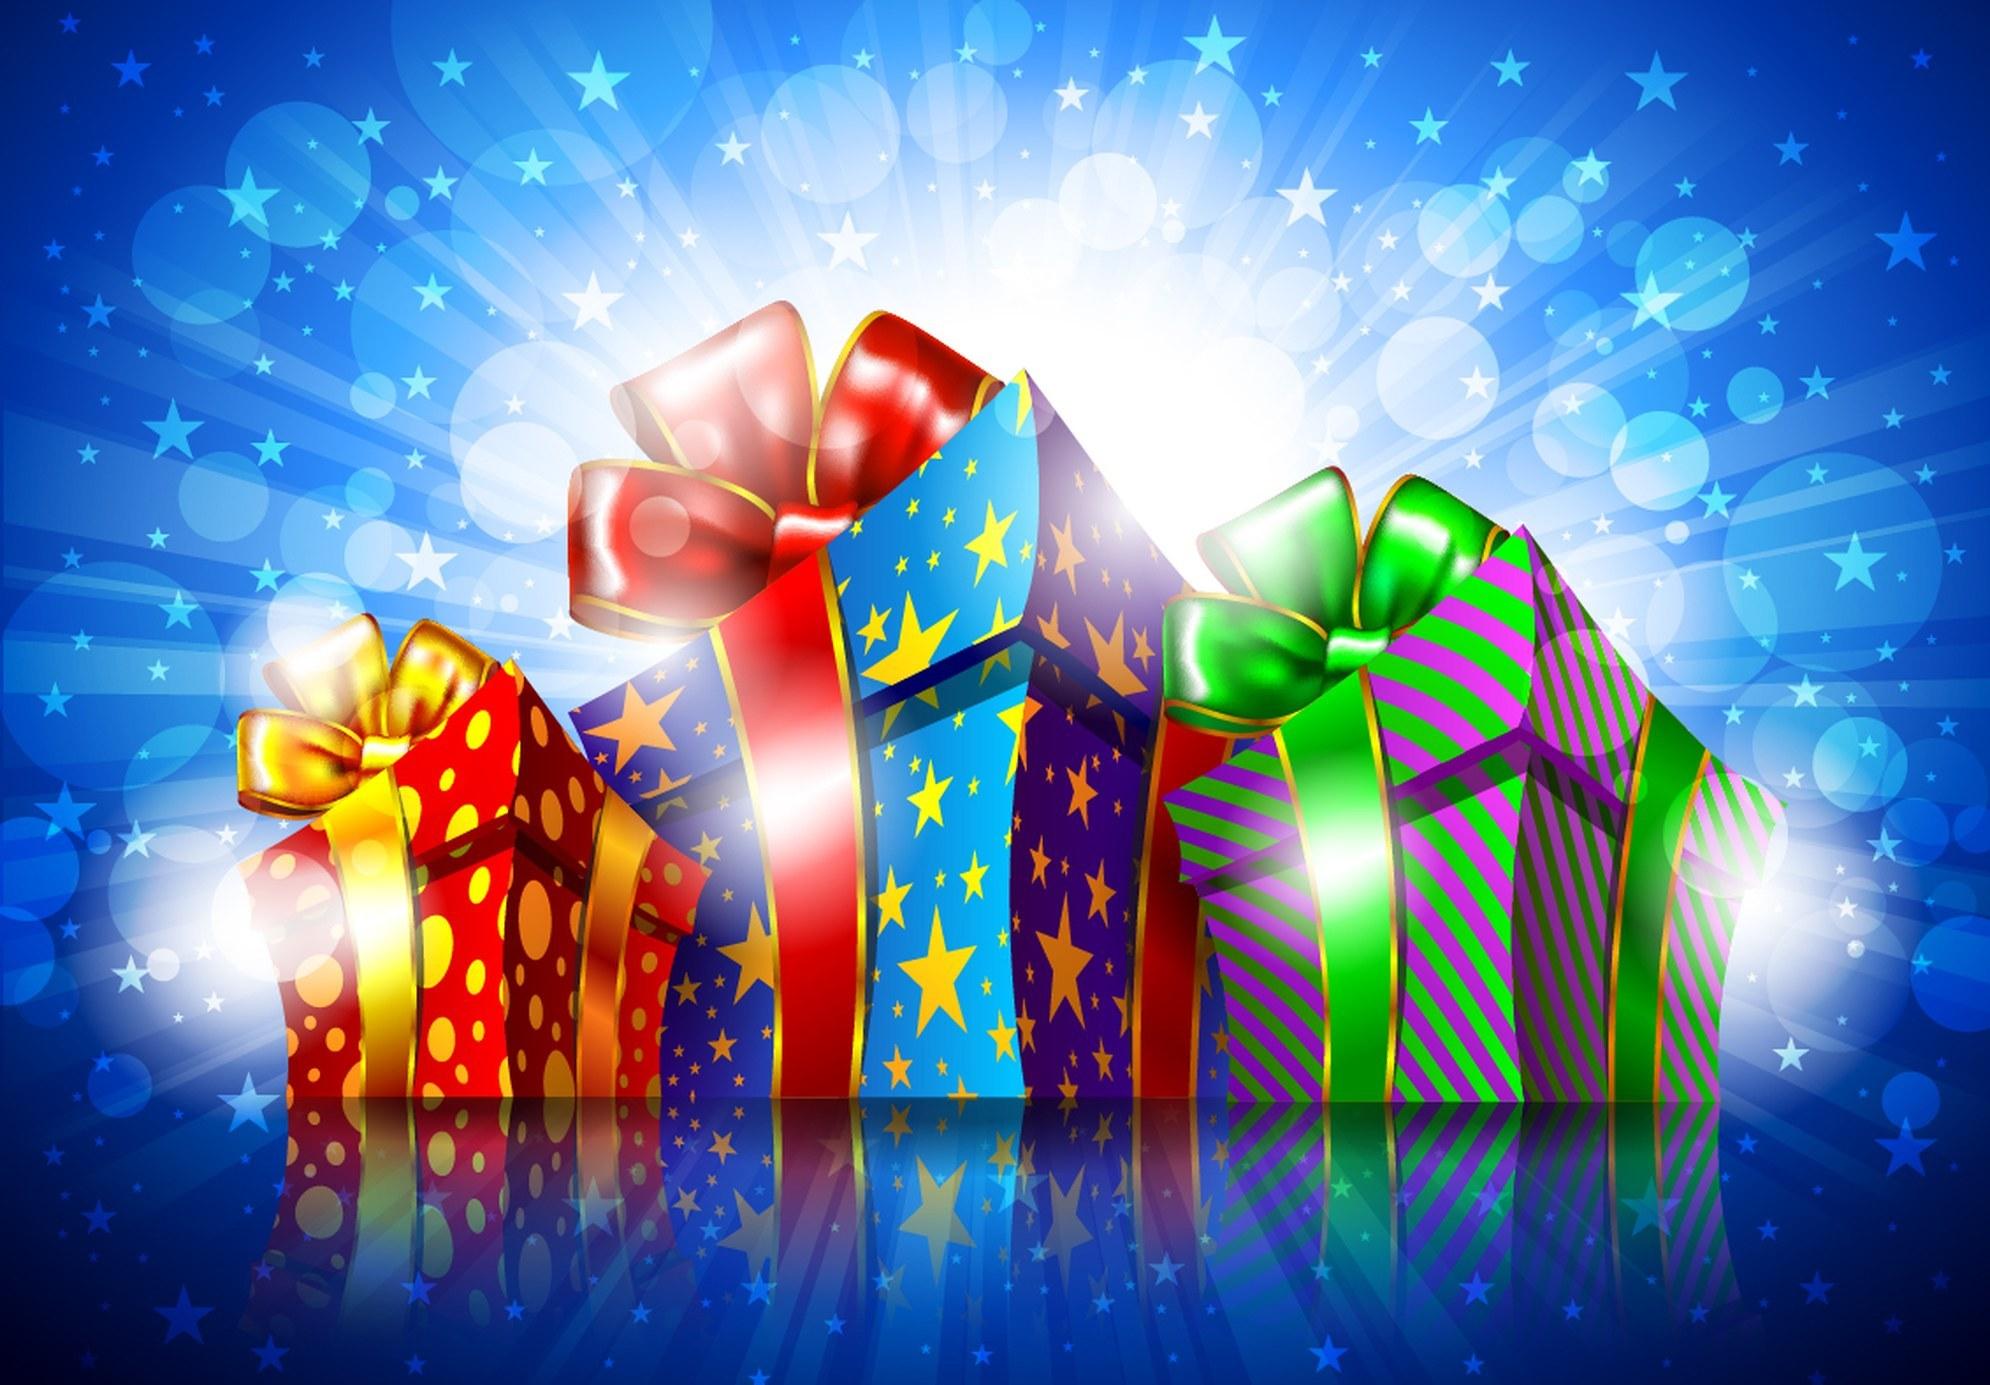 уточнить поздравления подарки розыгрыши владивостоке скандально известный